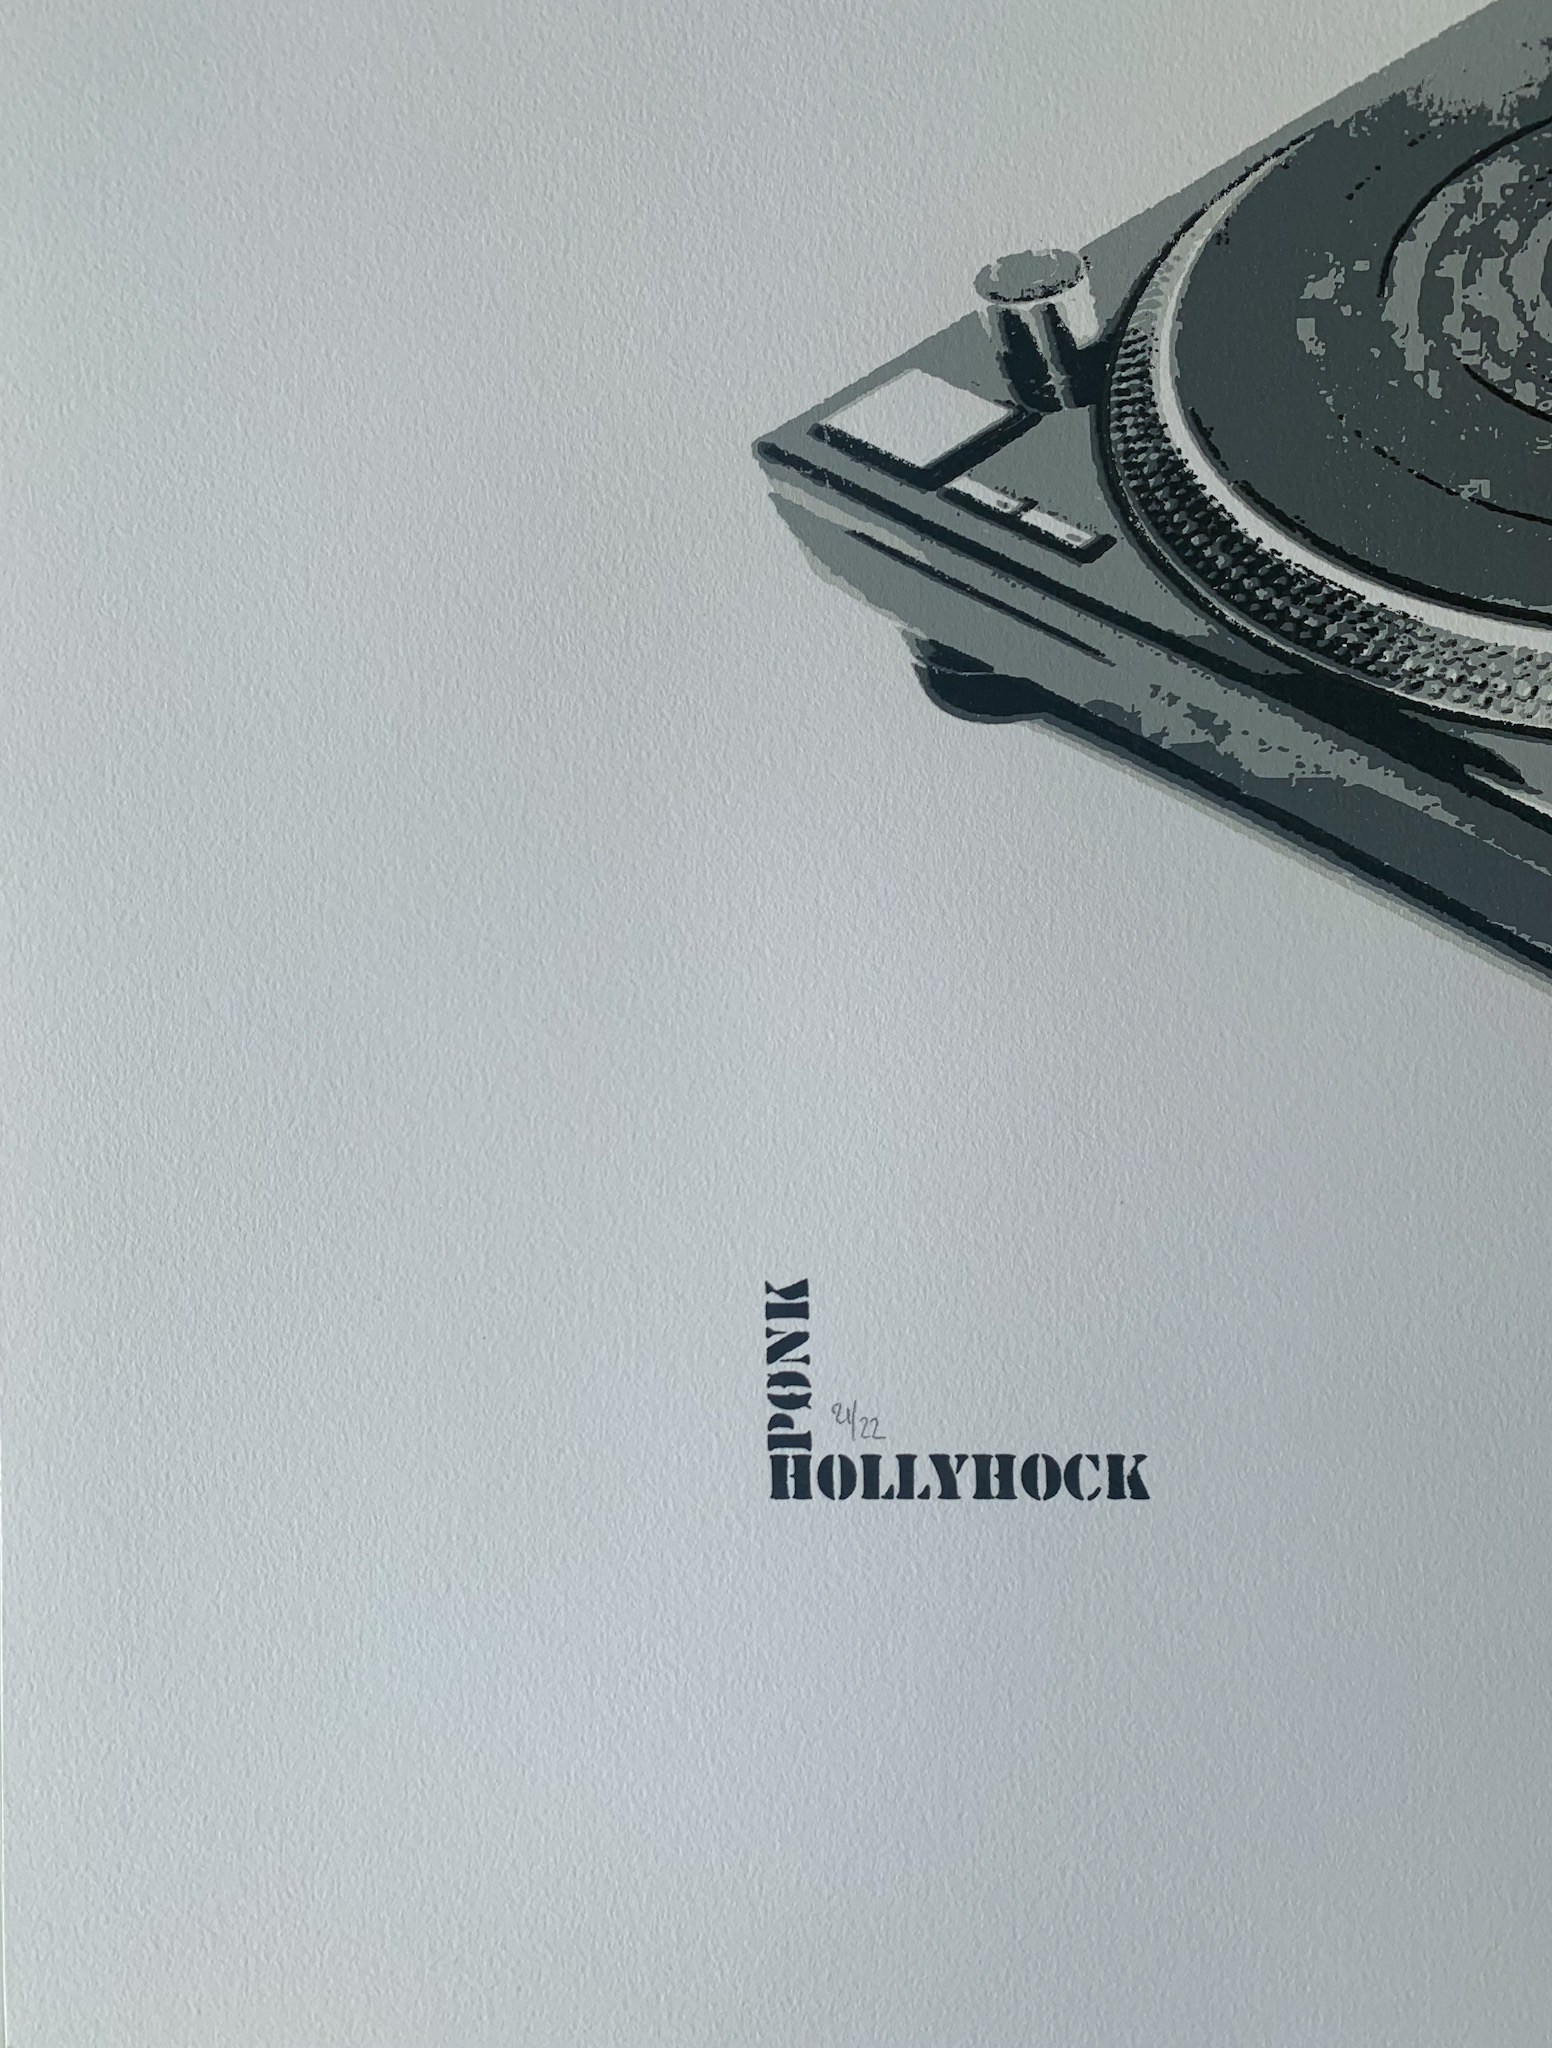 HOLLYHOCK & PONK 'I LIKE BIRDS' - 2020 - Image 4 of 11